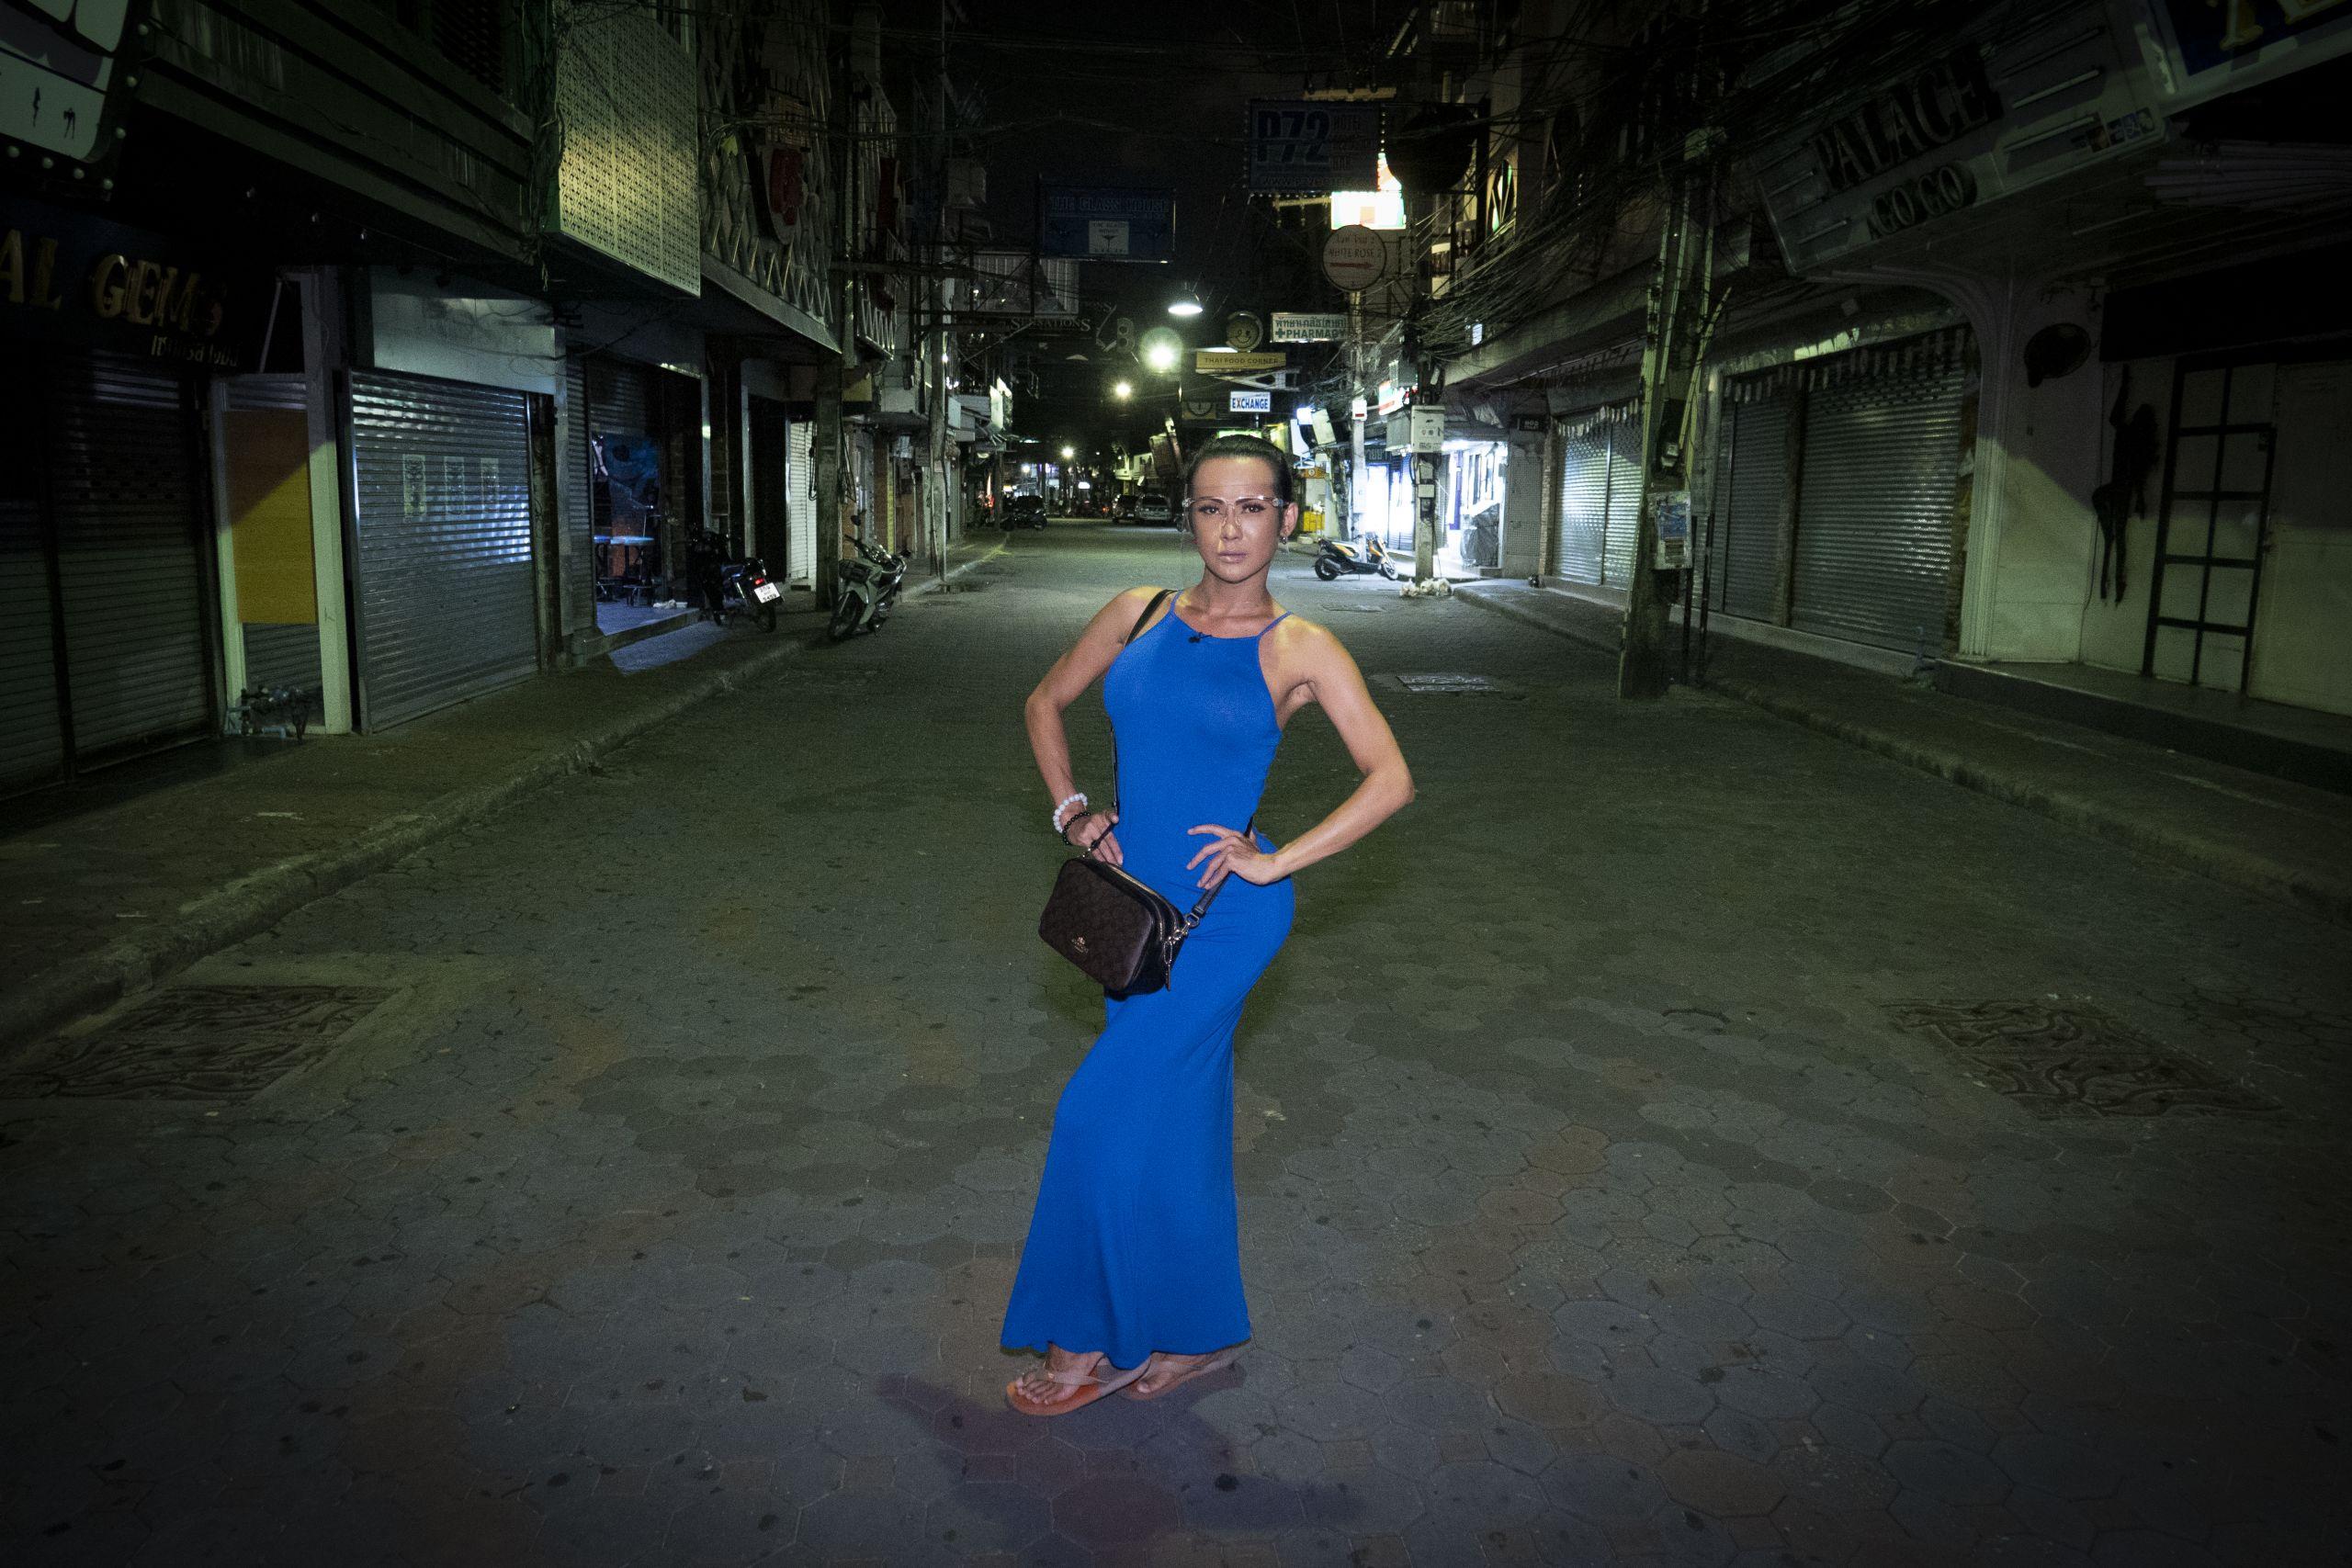 Thailand safe in prostitutes 11 Lies